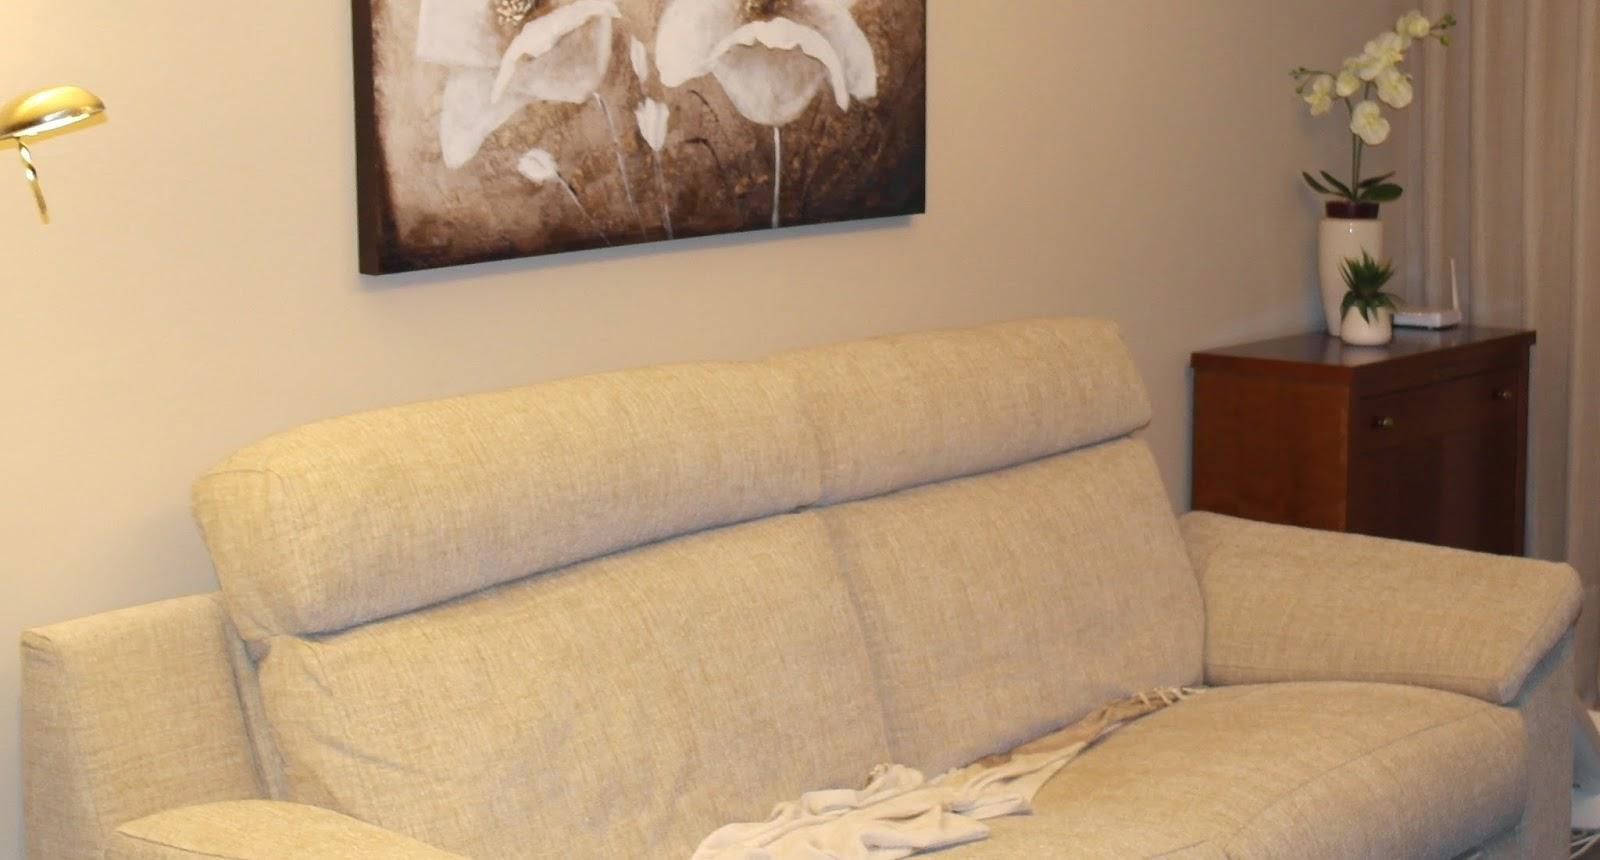 Tapicer a carrasco asturias tecnolog a aquaclean - Tapiceros de sofas en logrono ...